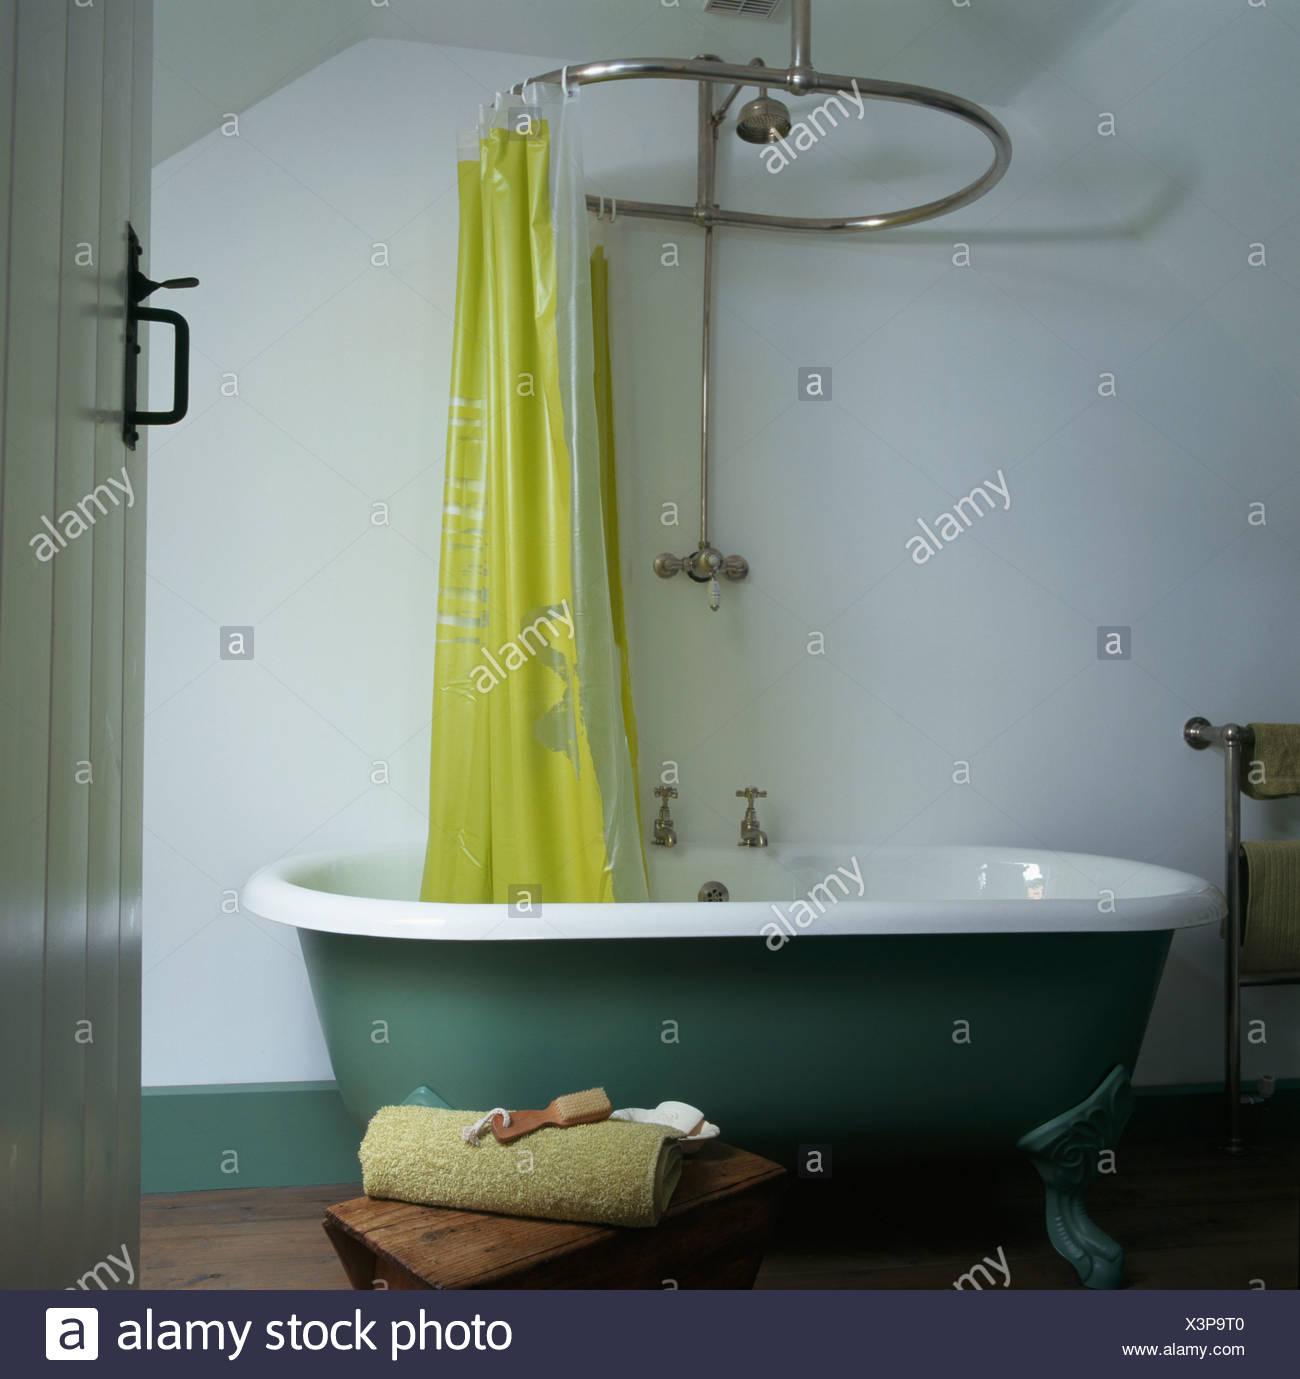 Rideau en plastique jaune chrome sur rail de douche baignoire verte ...